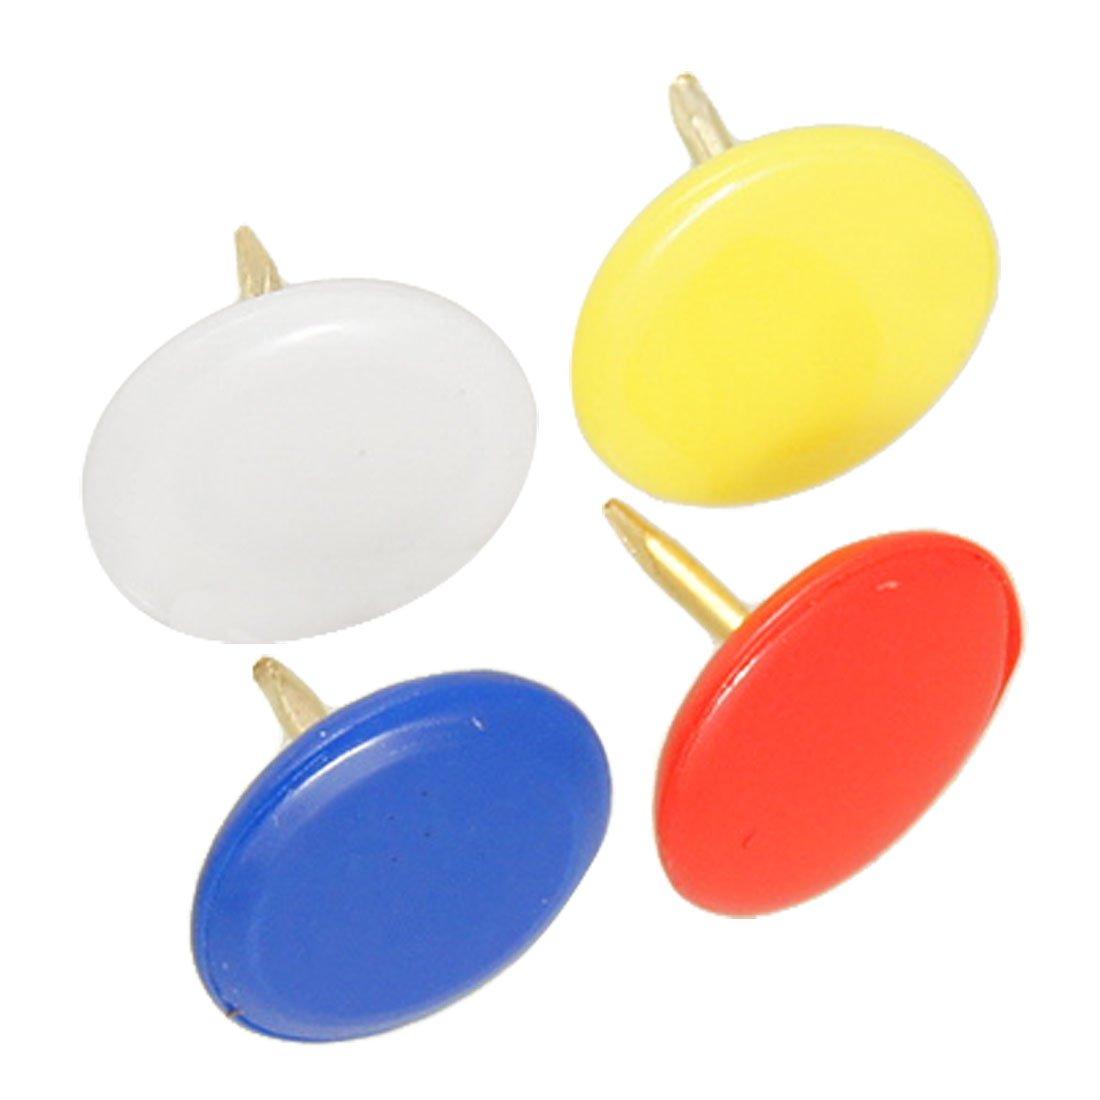 Nuevo y caliente 100 piezas 5 colores Corkboard foto Push Pins pulgar tachuelas 10mm